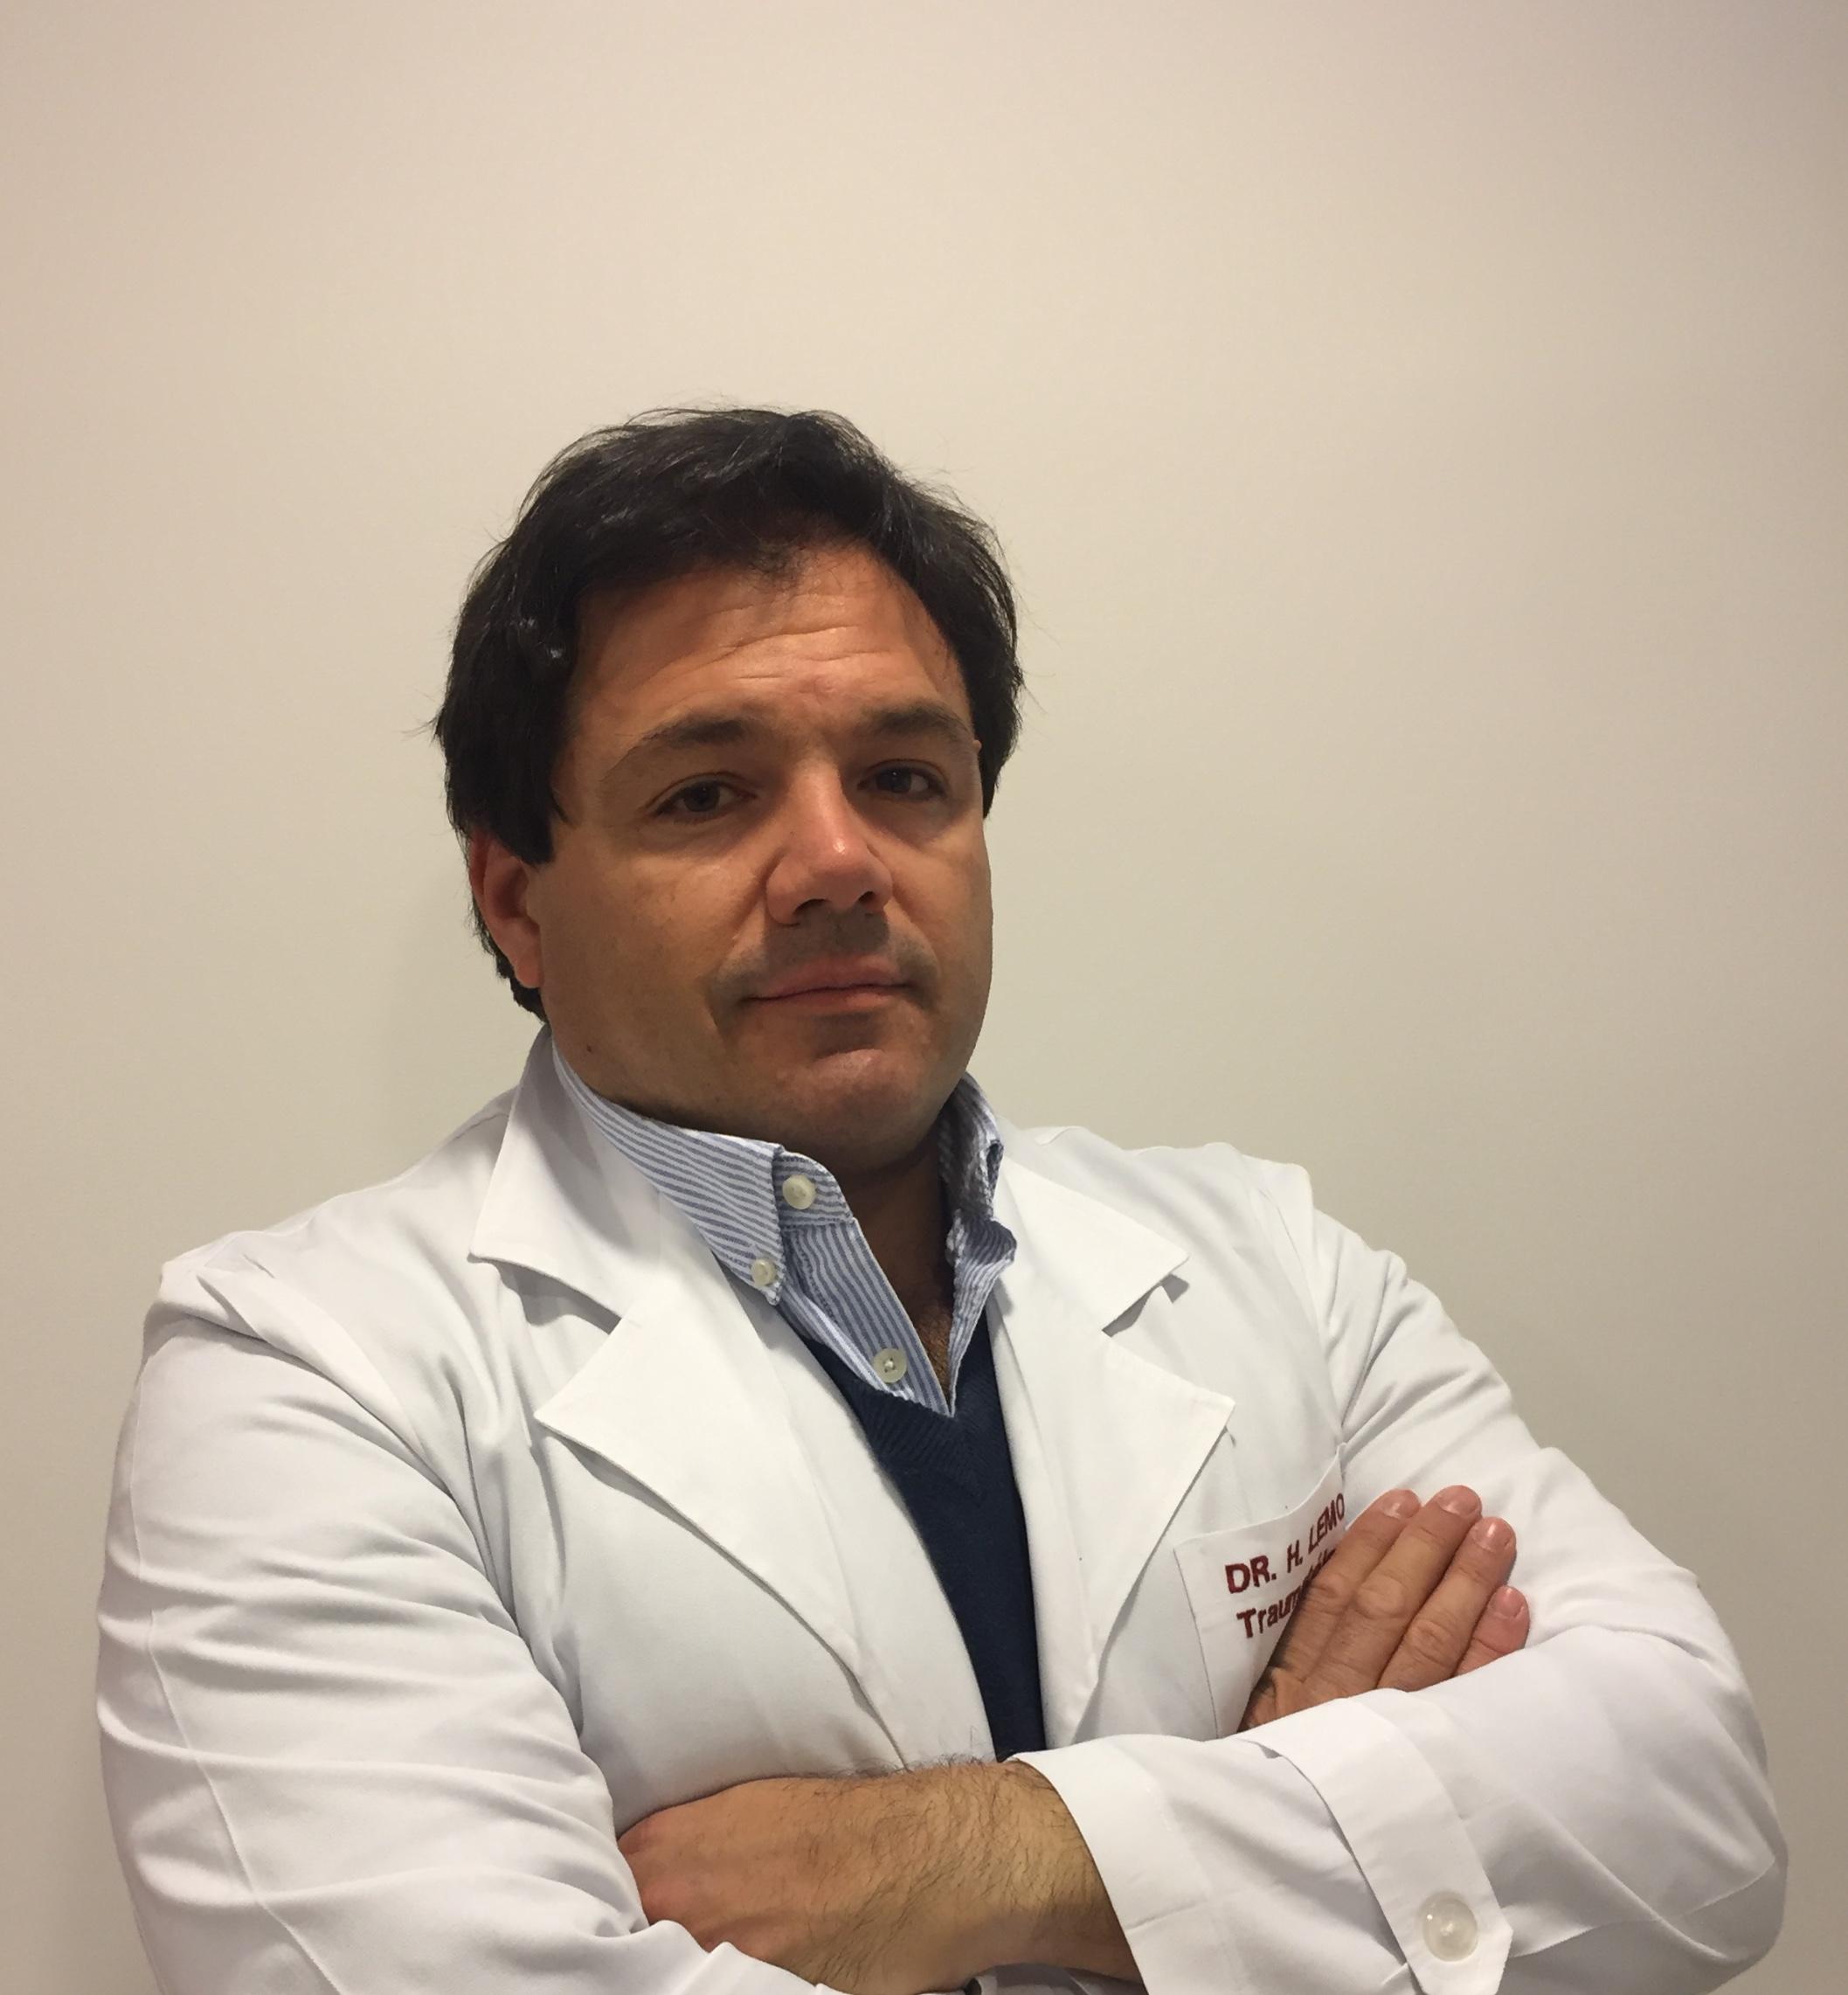 Dr. Suarez Alejo